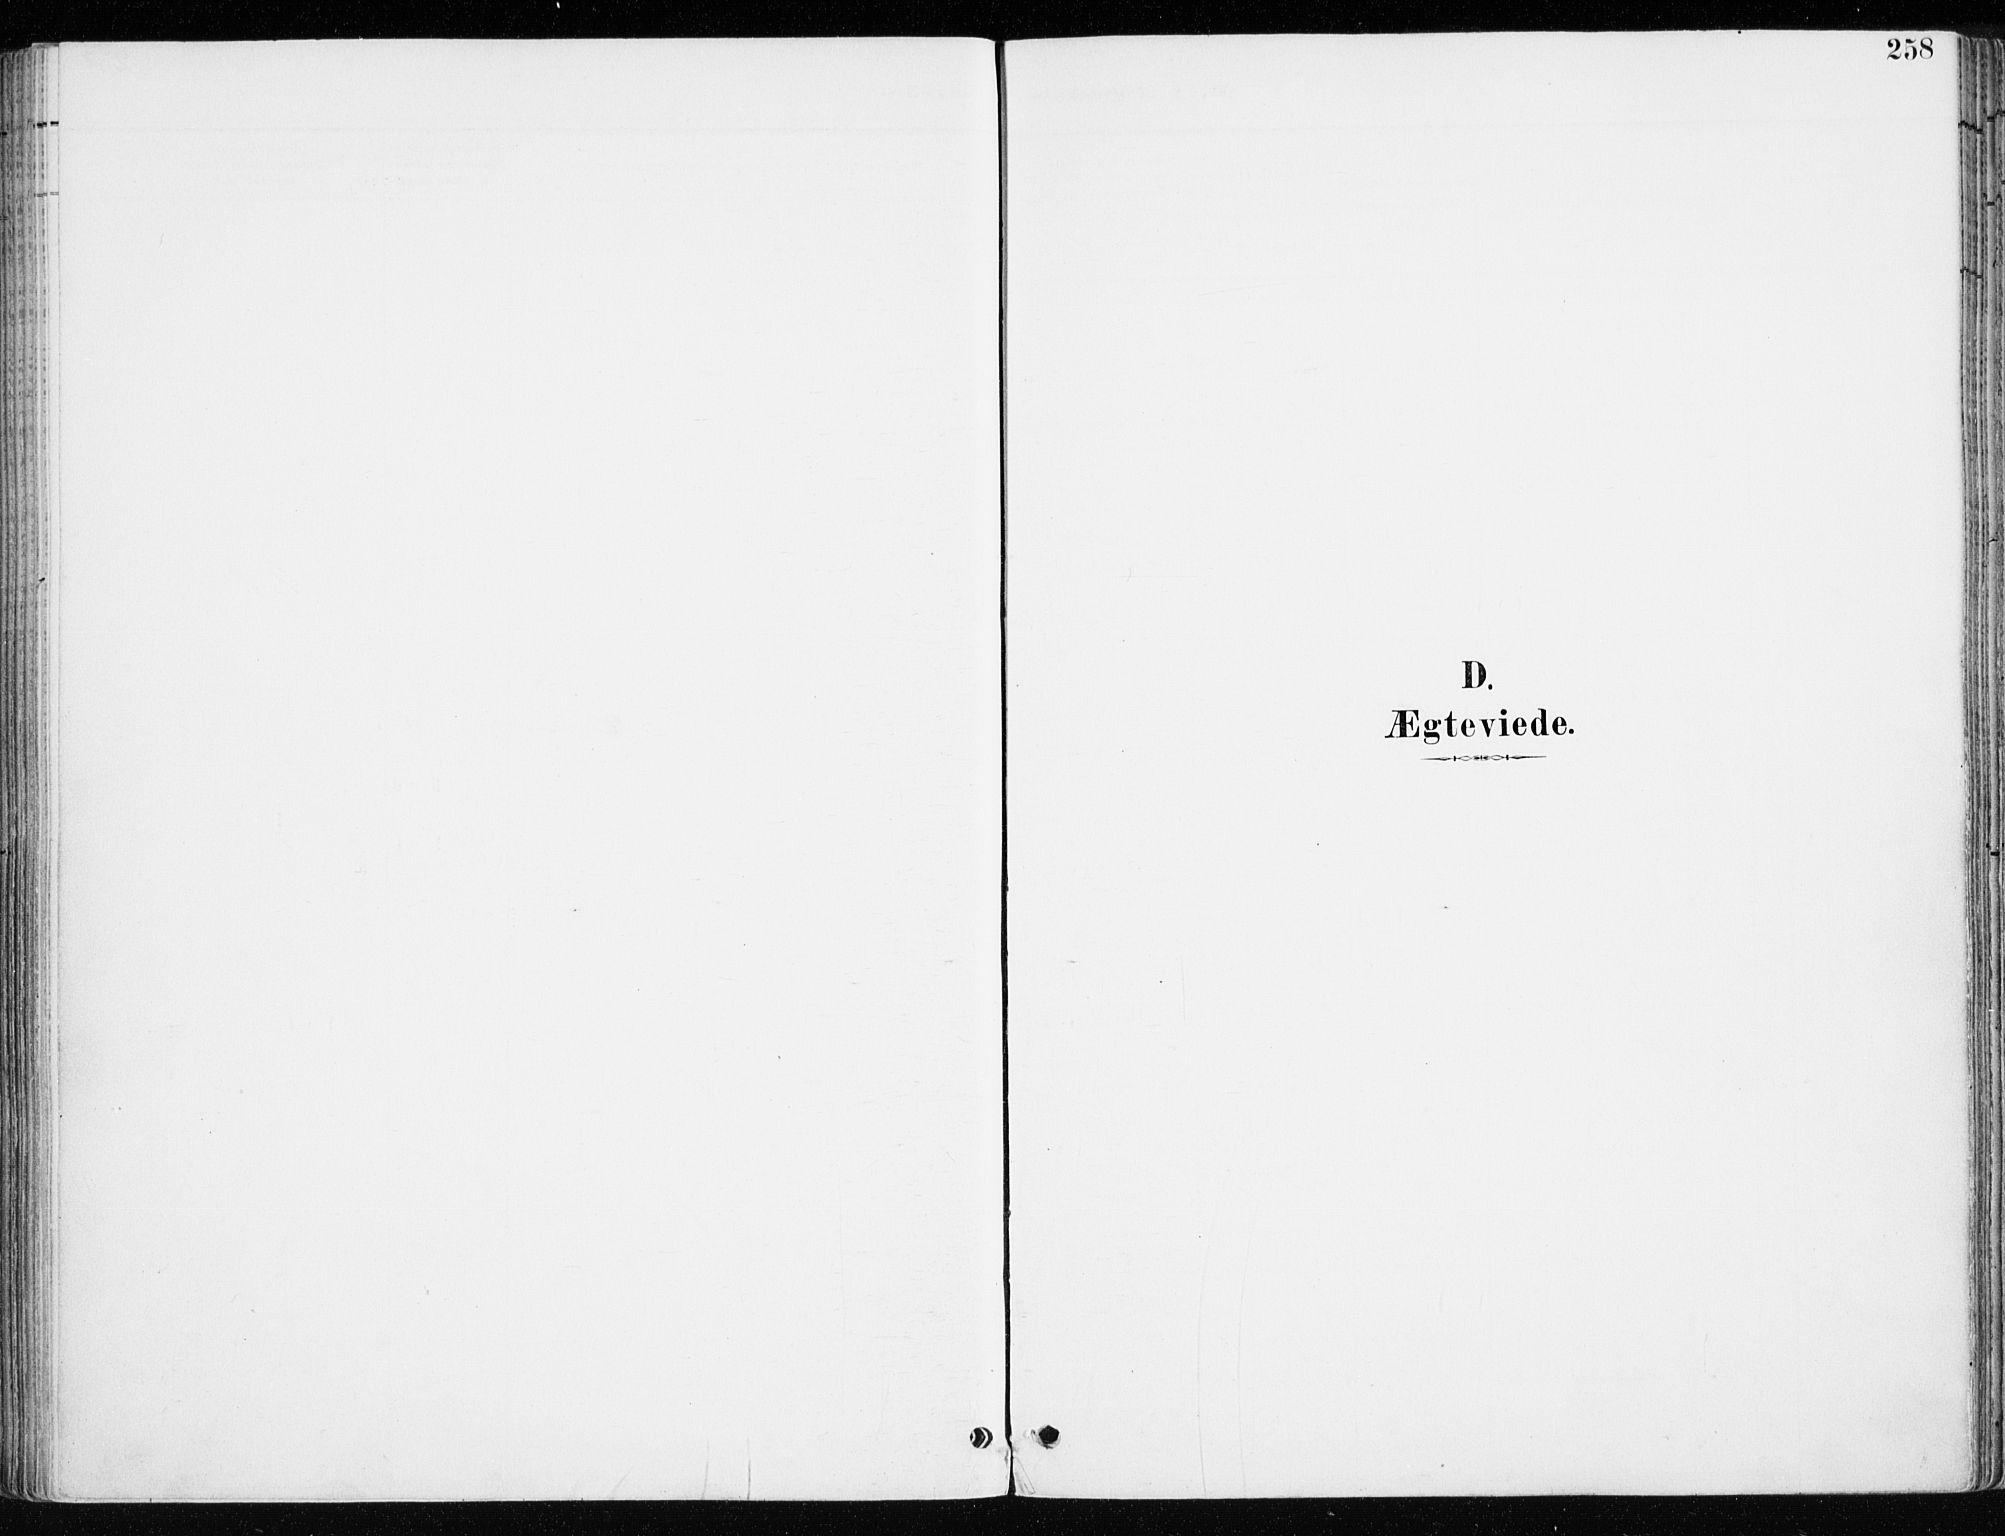 SAH, Løten prestekontor, K/Ka/L0010: Parish register (official) no. 10, 1892-1907, p. 258